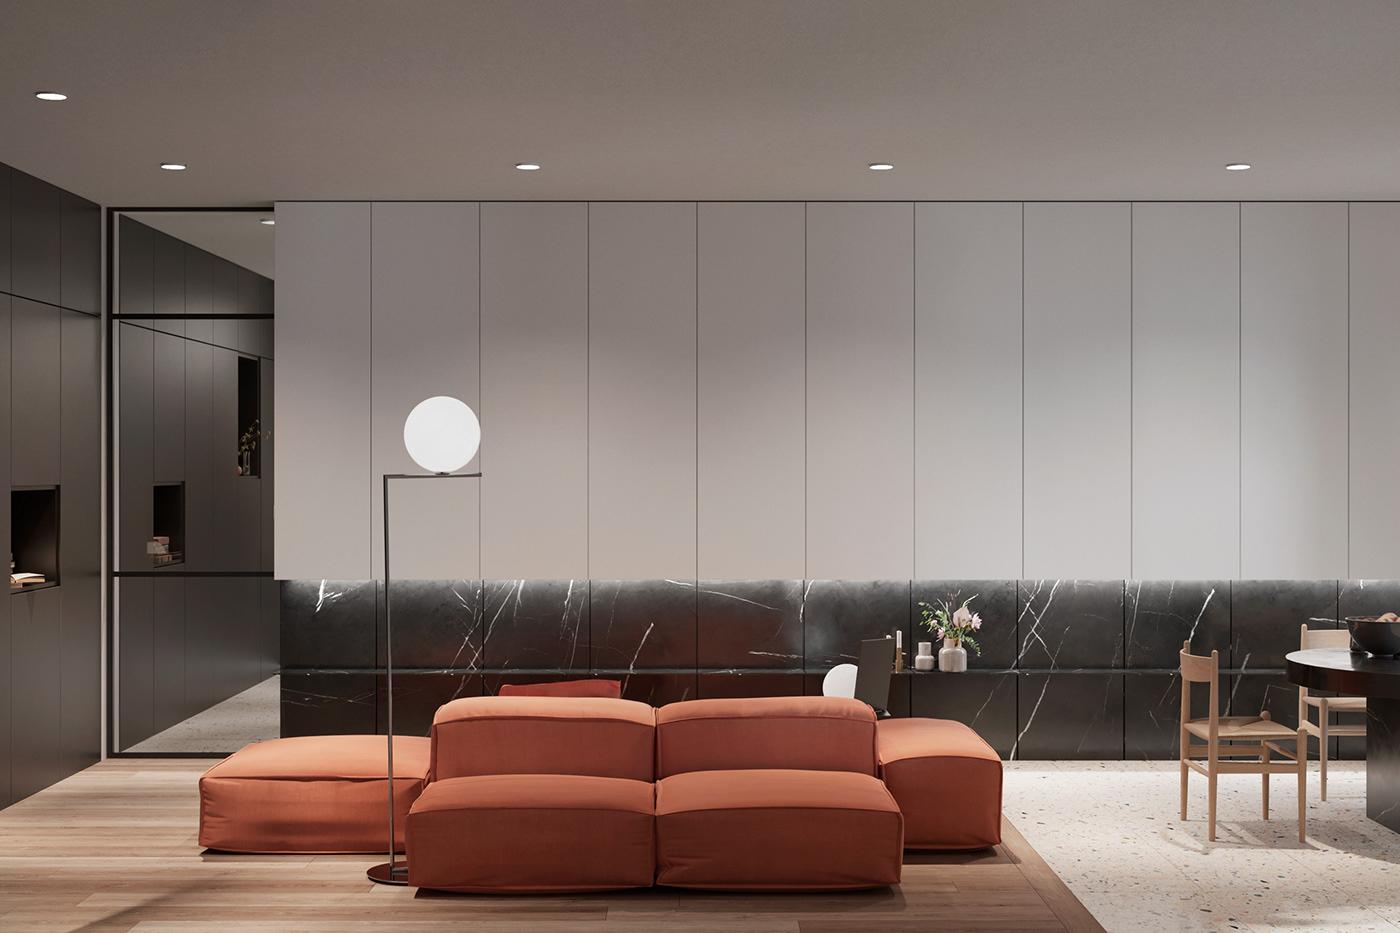 【国外作品】现代公寓 | Alexander Velgan